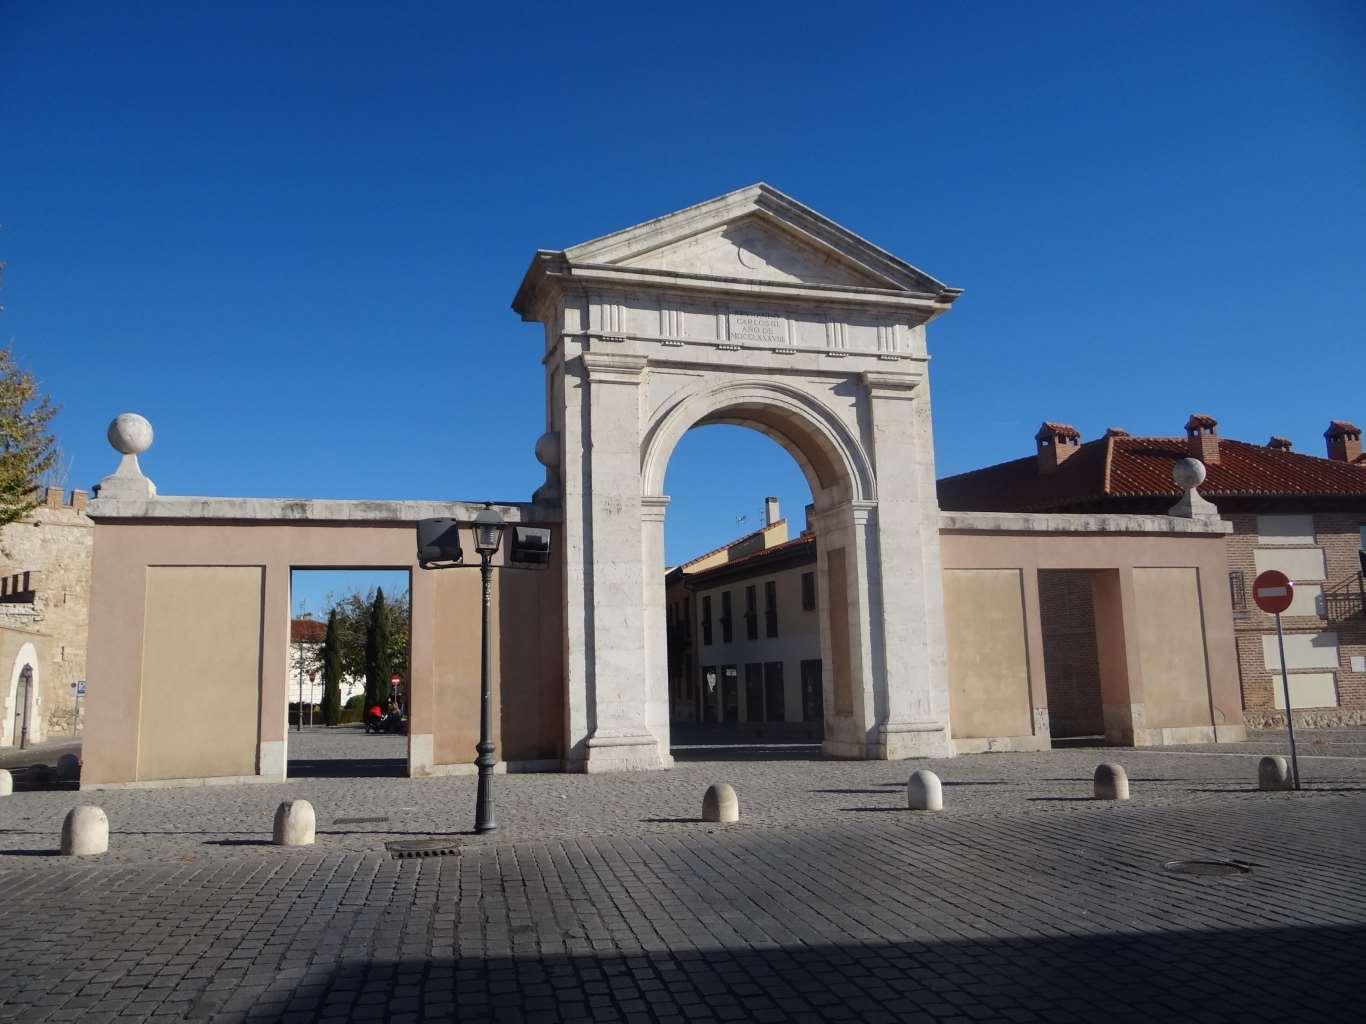 Puerta de madrid de alcal de henares dream alcal - Puertas lacadas en madrid ...